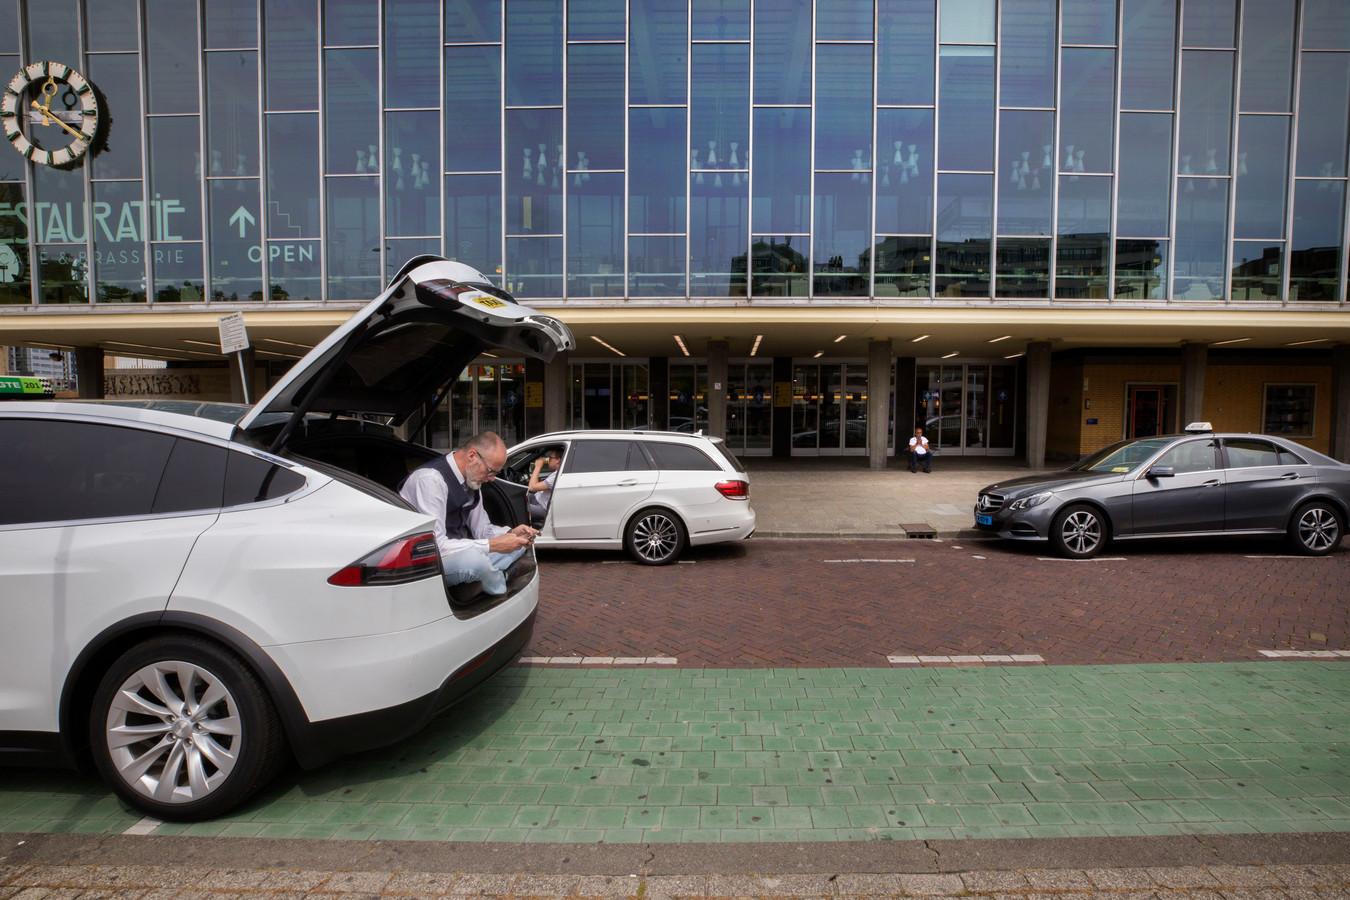 Wachtende taxichauffeurs bij het station in Eindhoven.